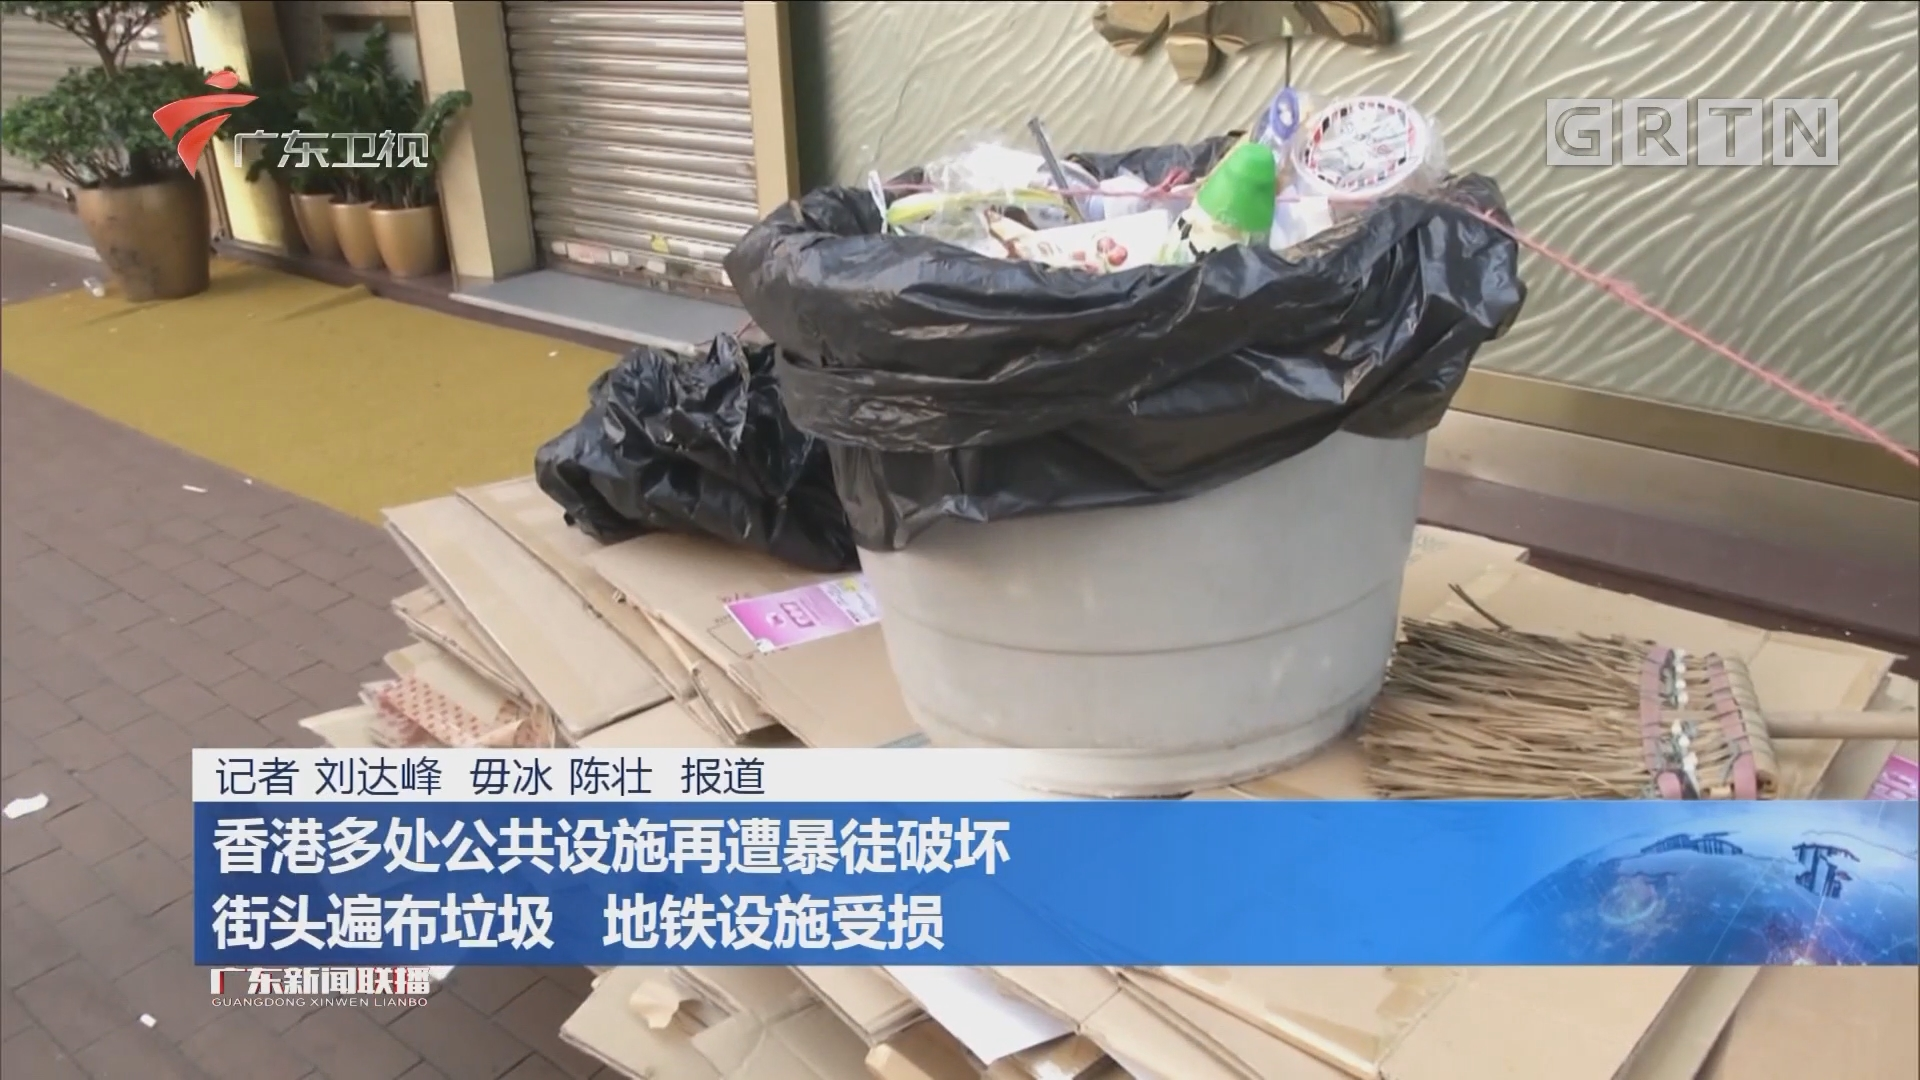 香港多处公共设施再遭暴徒破坏 街头遍布垃圾 地铁设施受损